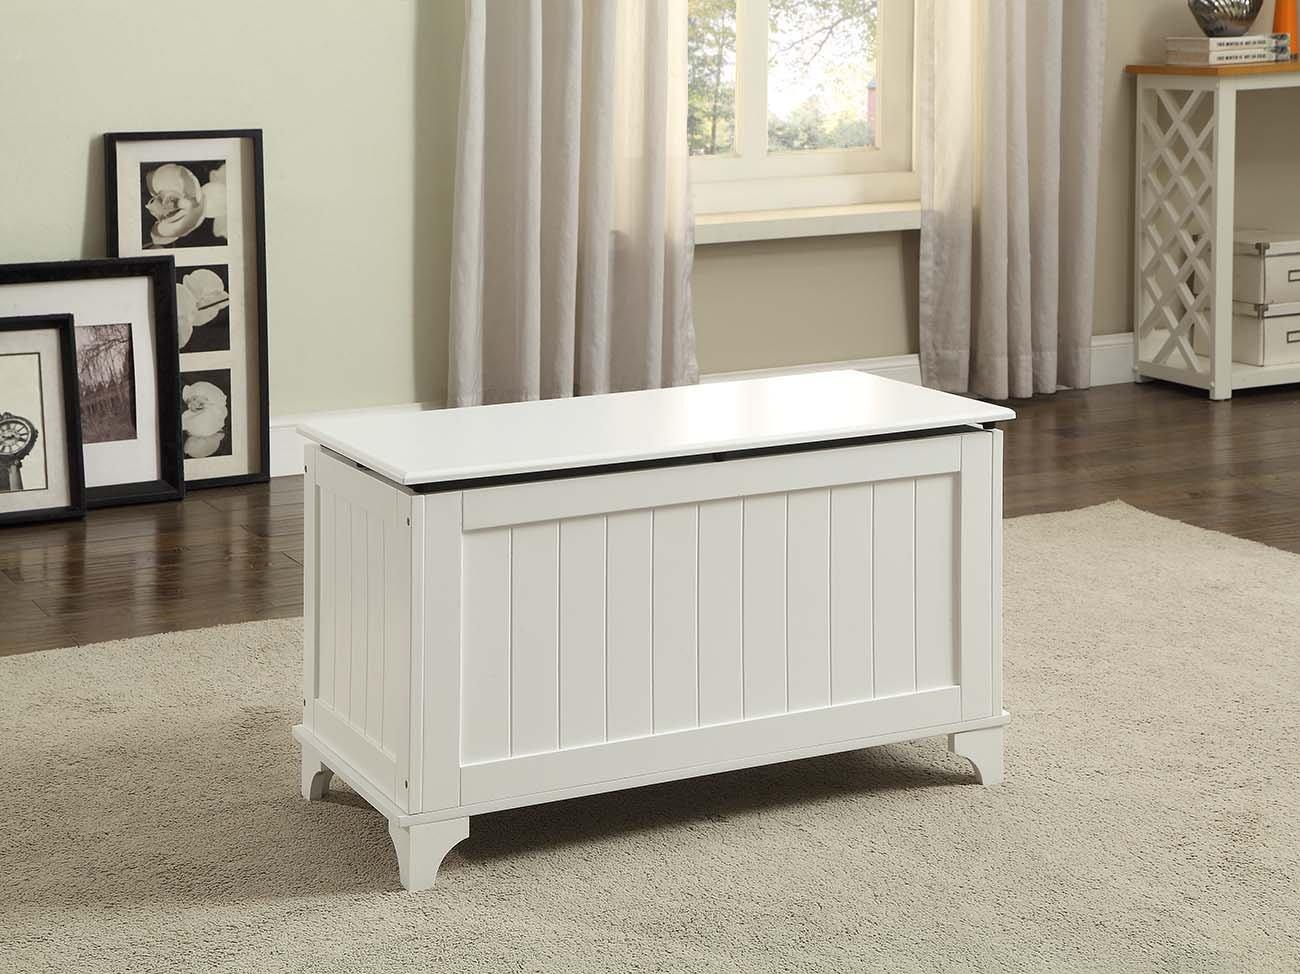 White Finish Toy Blanket Storage Chest Trunk Box Bench